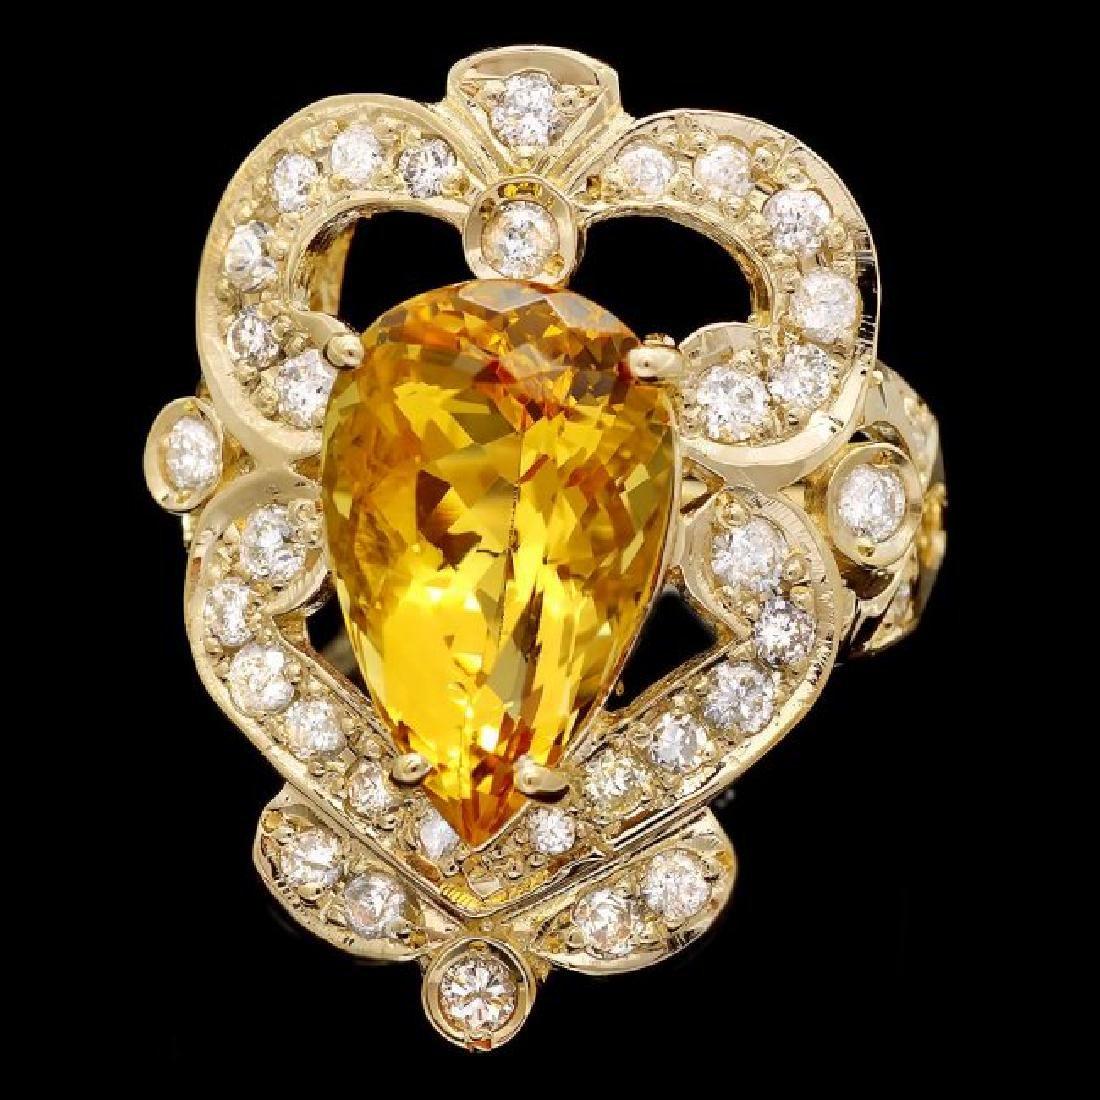 14k Yellow Gold 5.50ct Beryl 1.15ct Diamond Ring